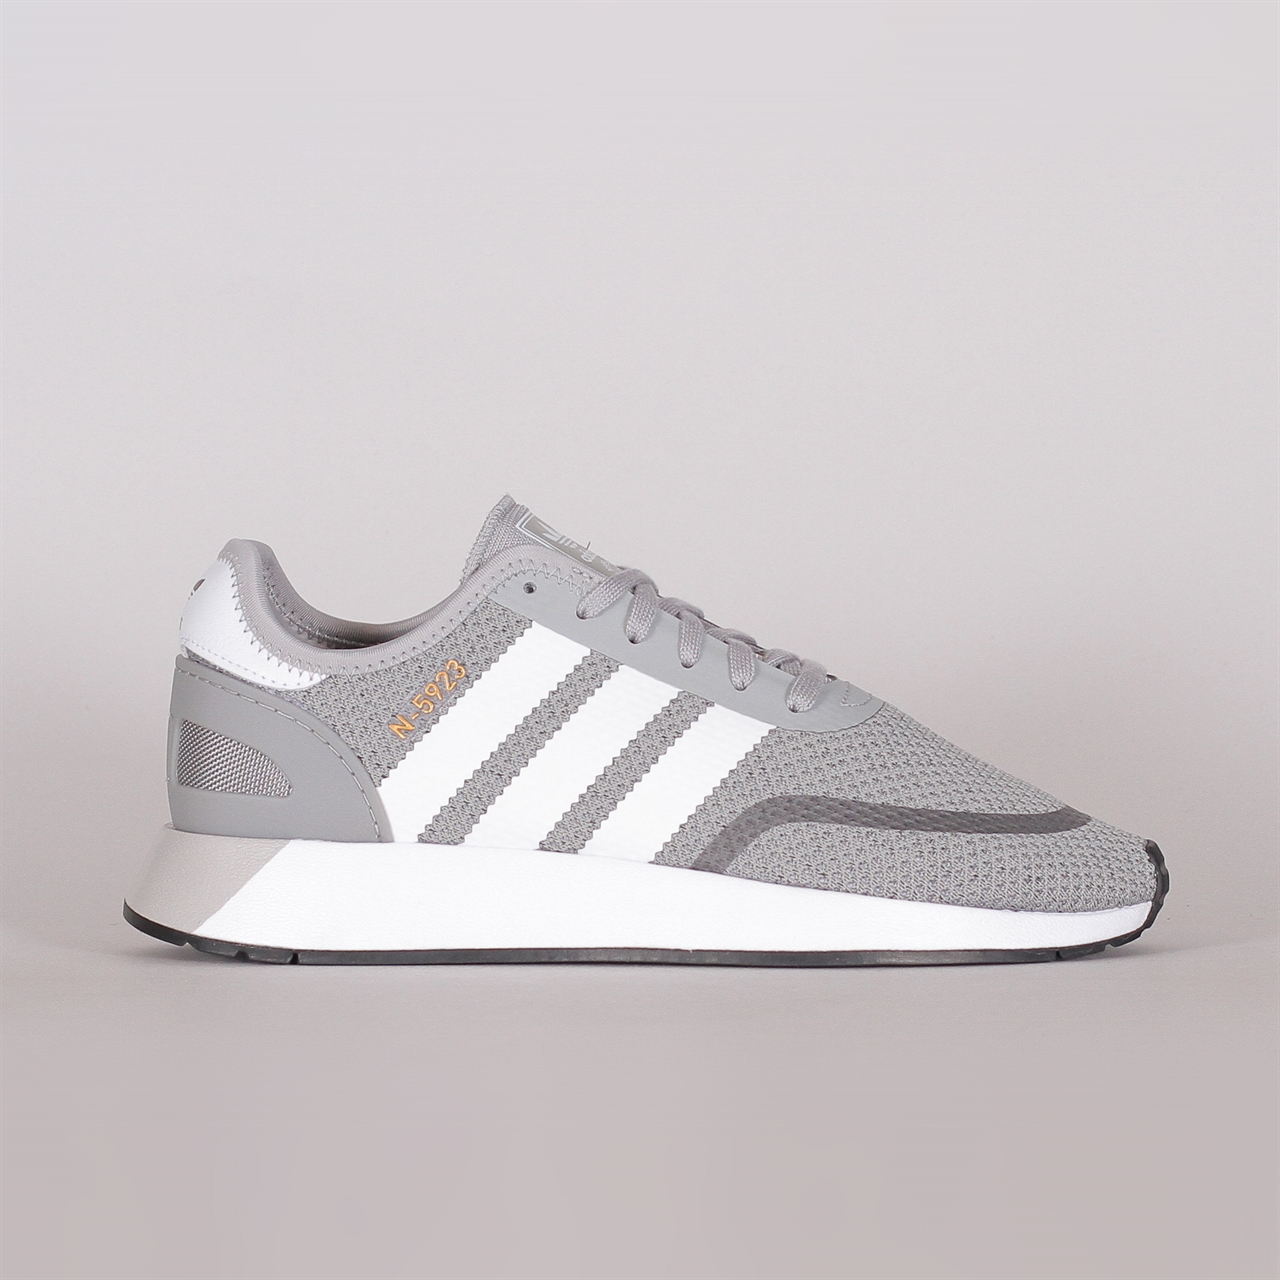 Shelta Adidas Originali N 5923 (Cq2334) (Cq2334) 5923 16c18b